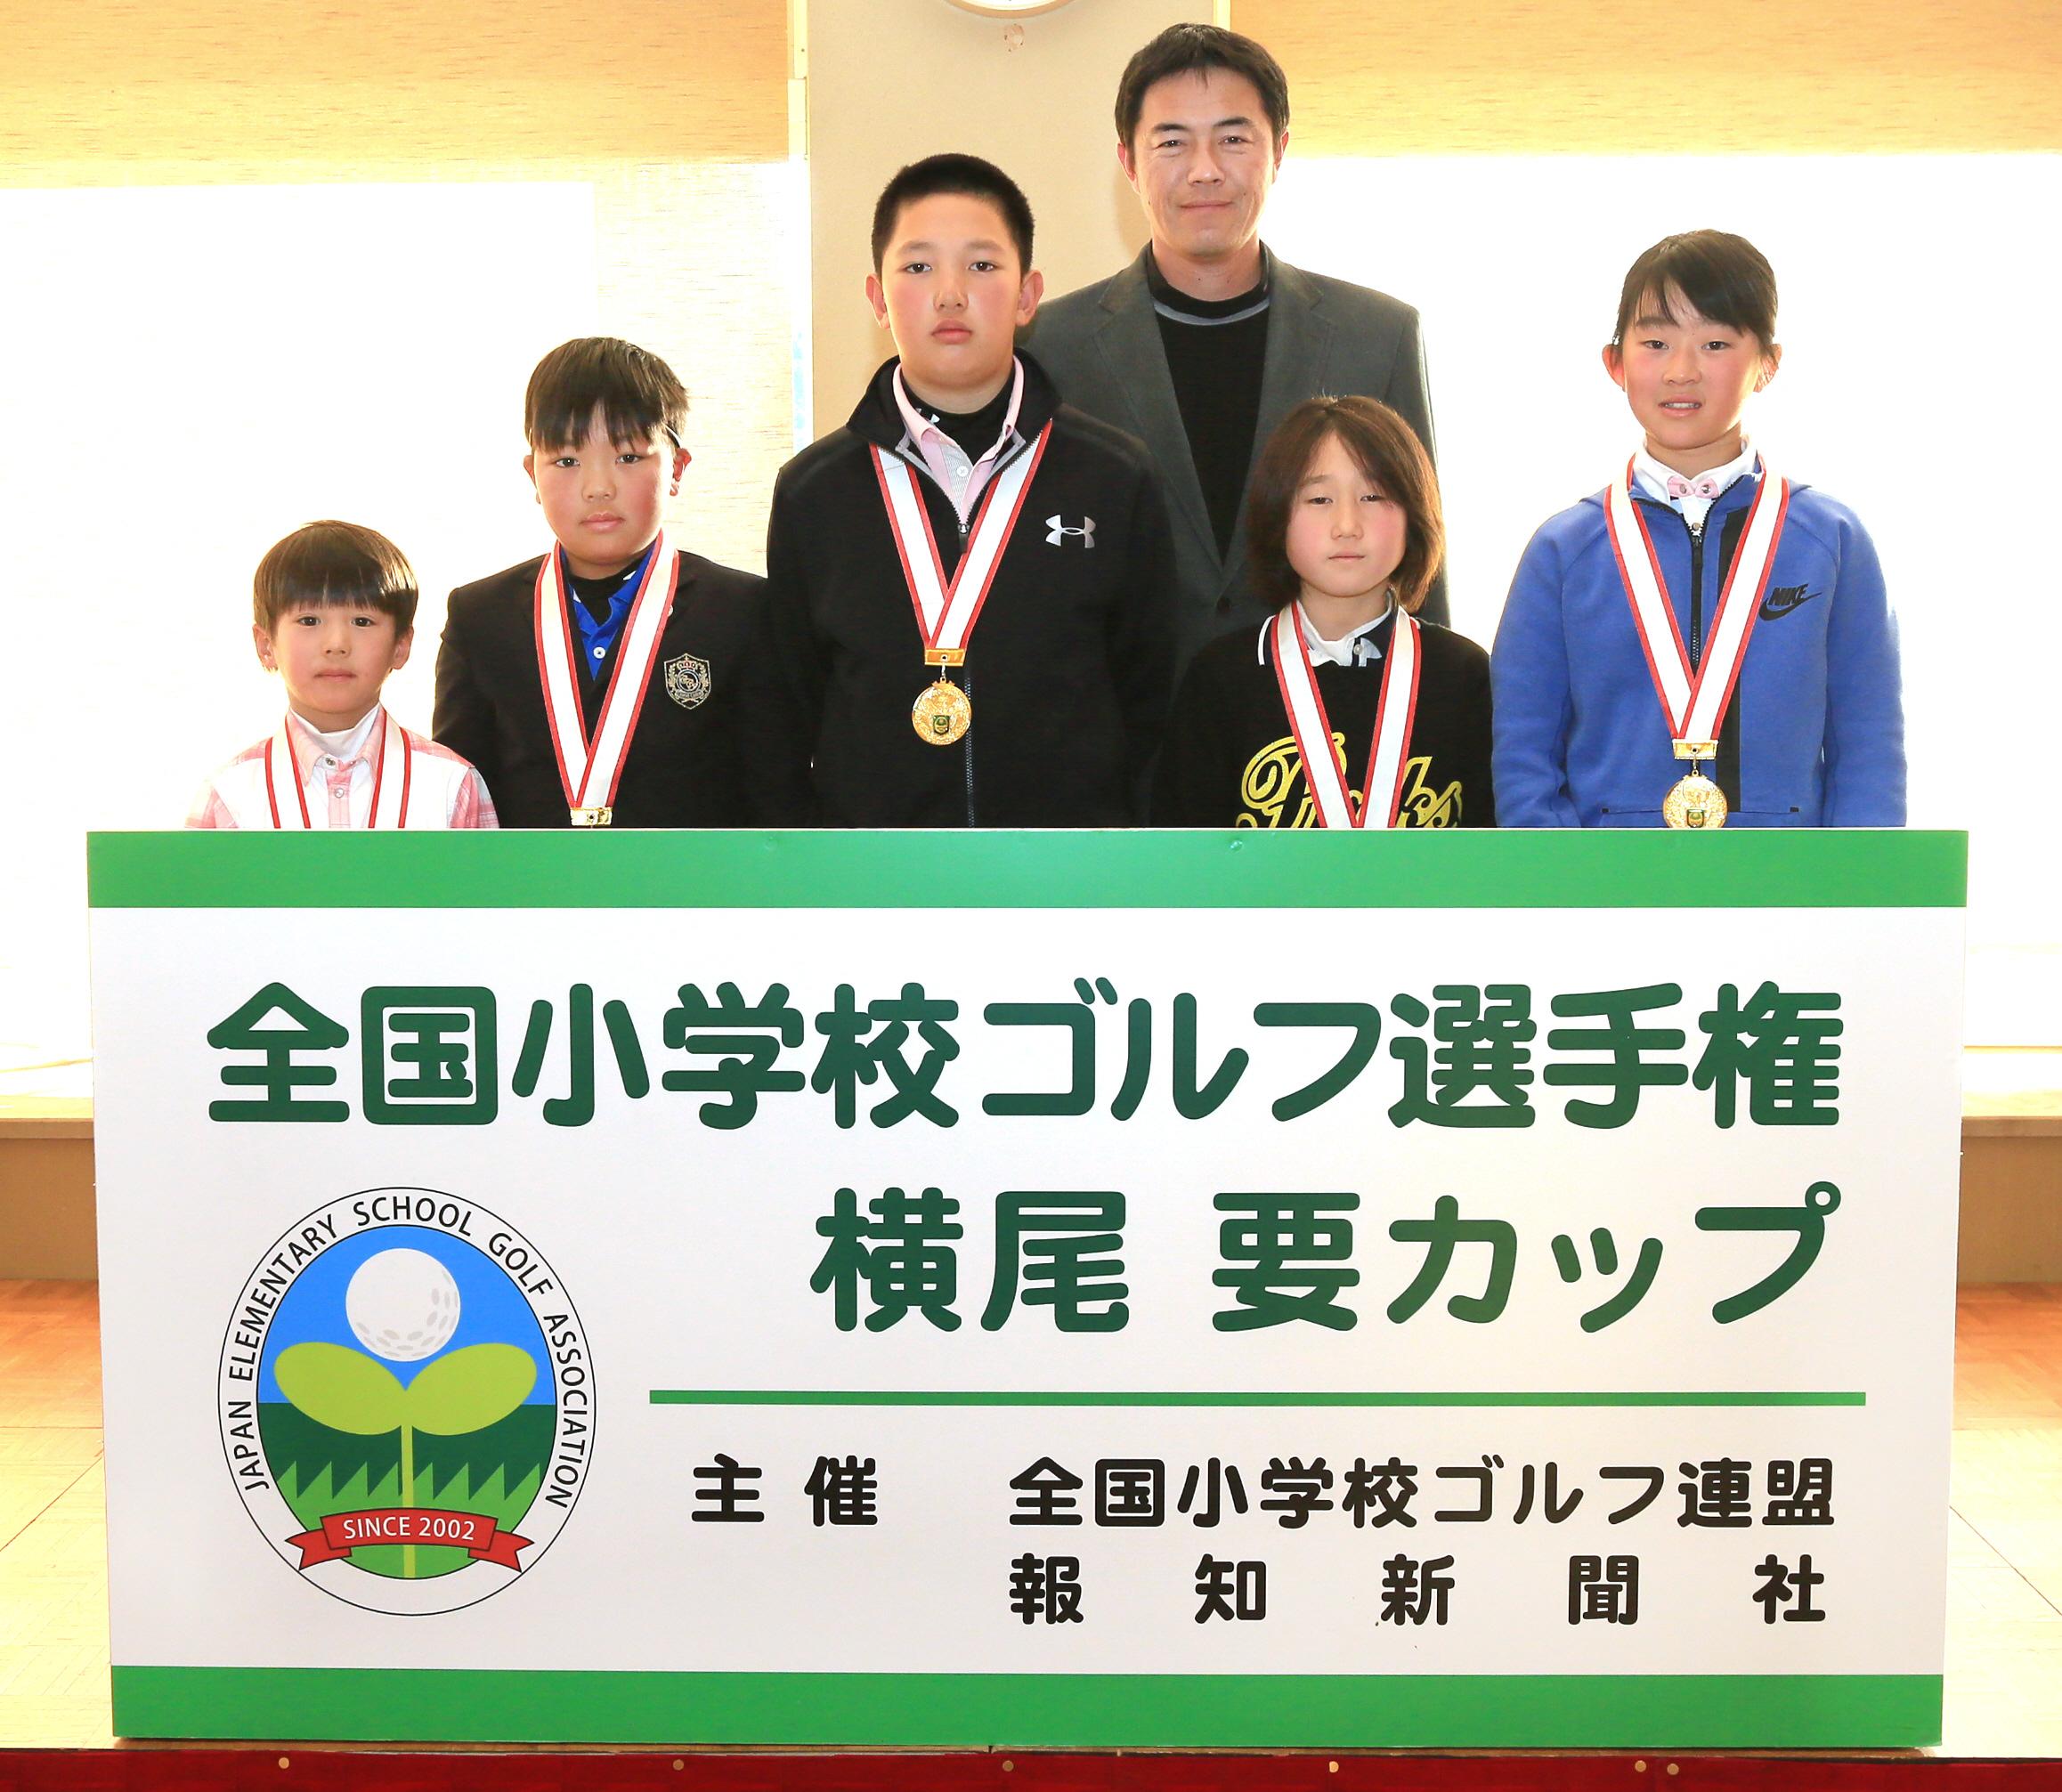 横尾要プロ(左から4人目)を囲み、笑顔を見せる各部門の優勝者たち(左から=小林麟太郎くん、細谷幹くん、小林大河くん、川畑優菜さん、阿部未来さん)